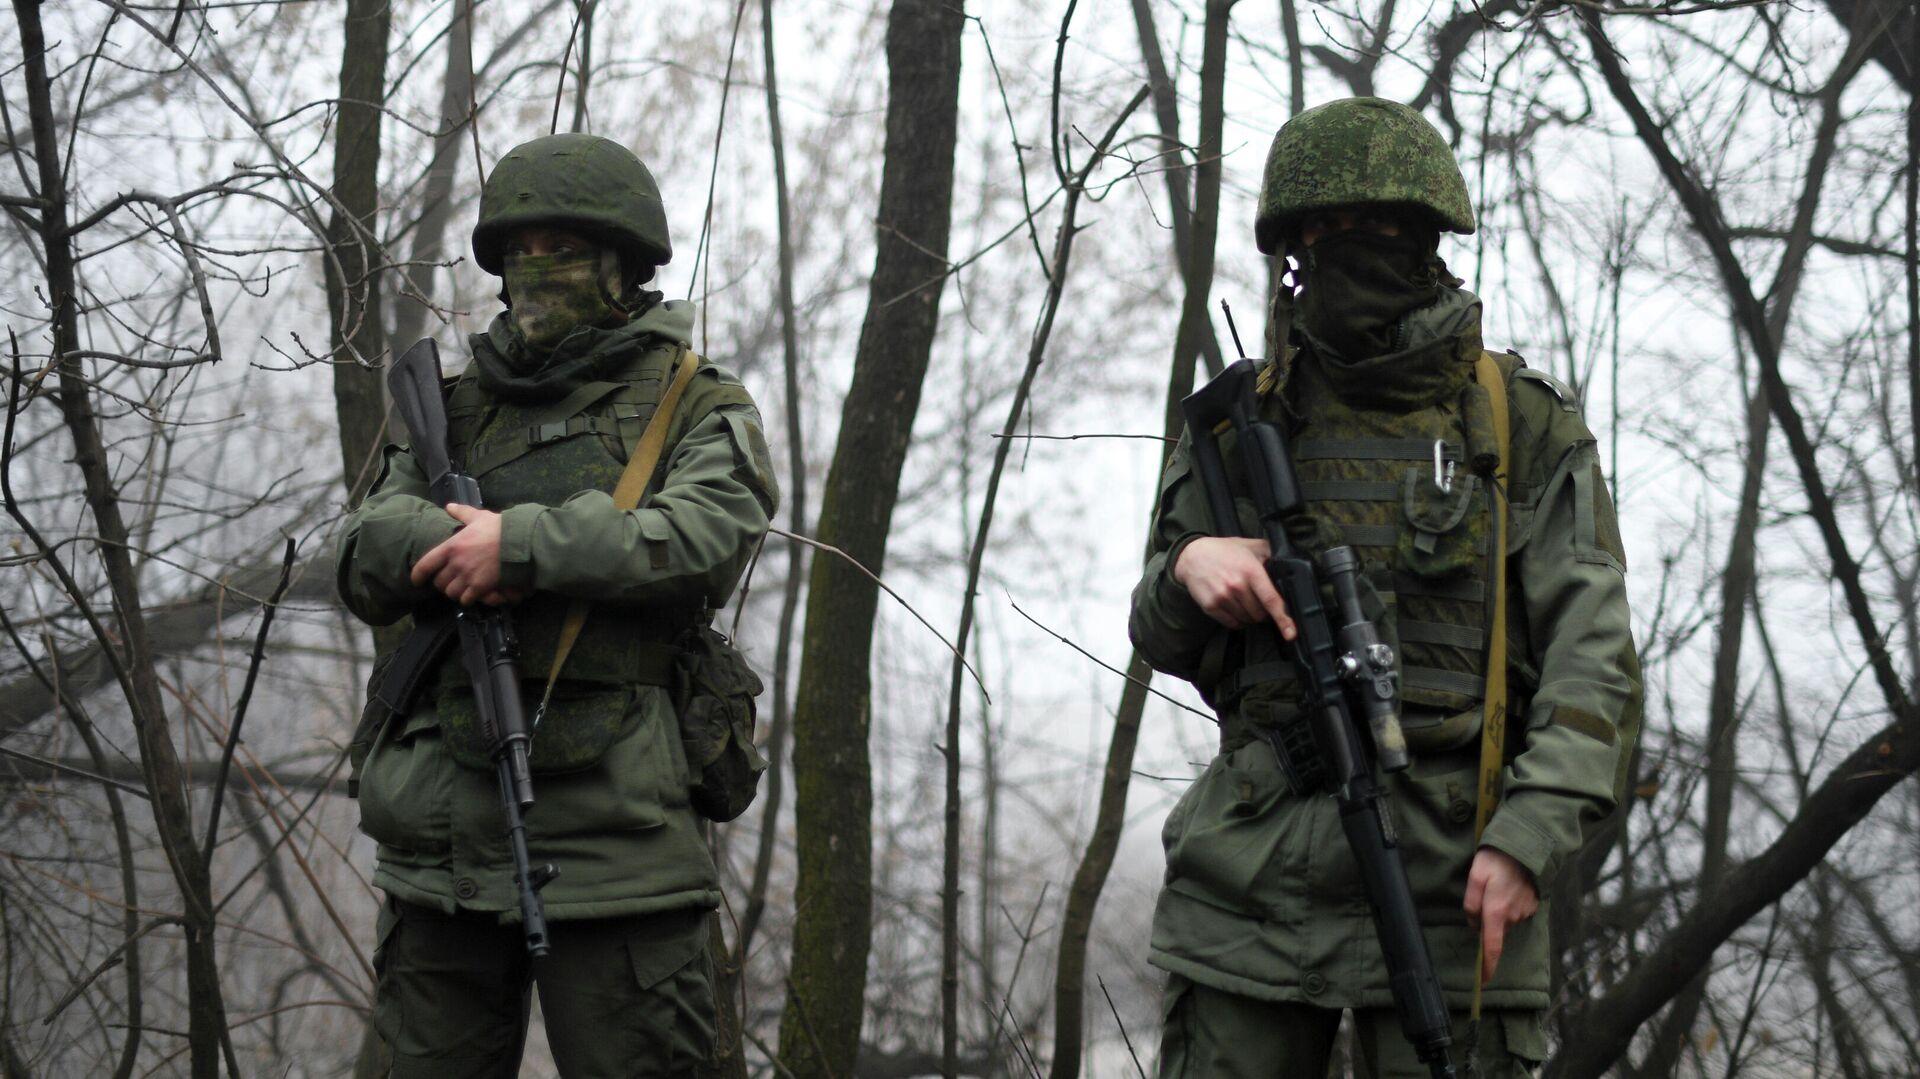 Военнослужащие в Донбассе - РИА Новости, 1920, 01.03.2021